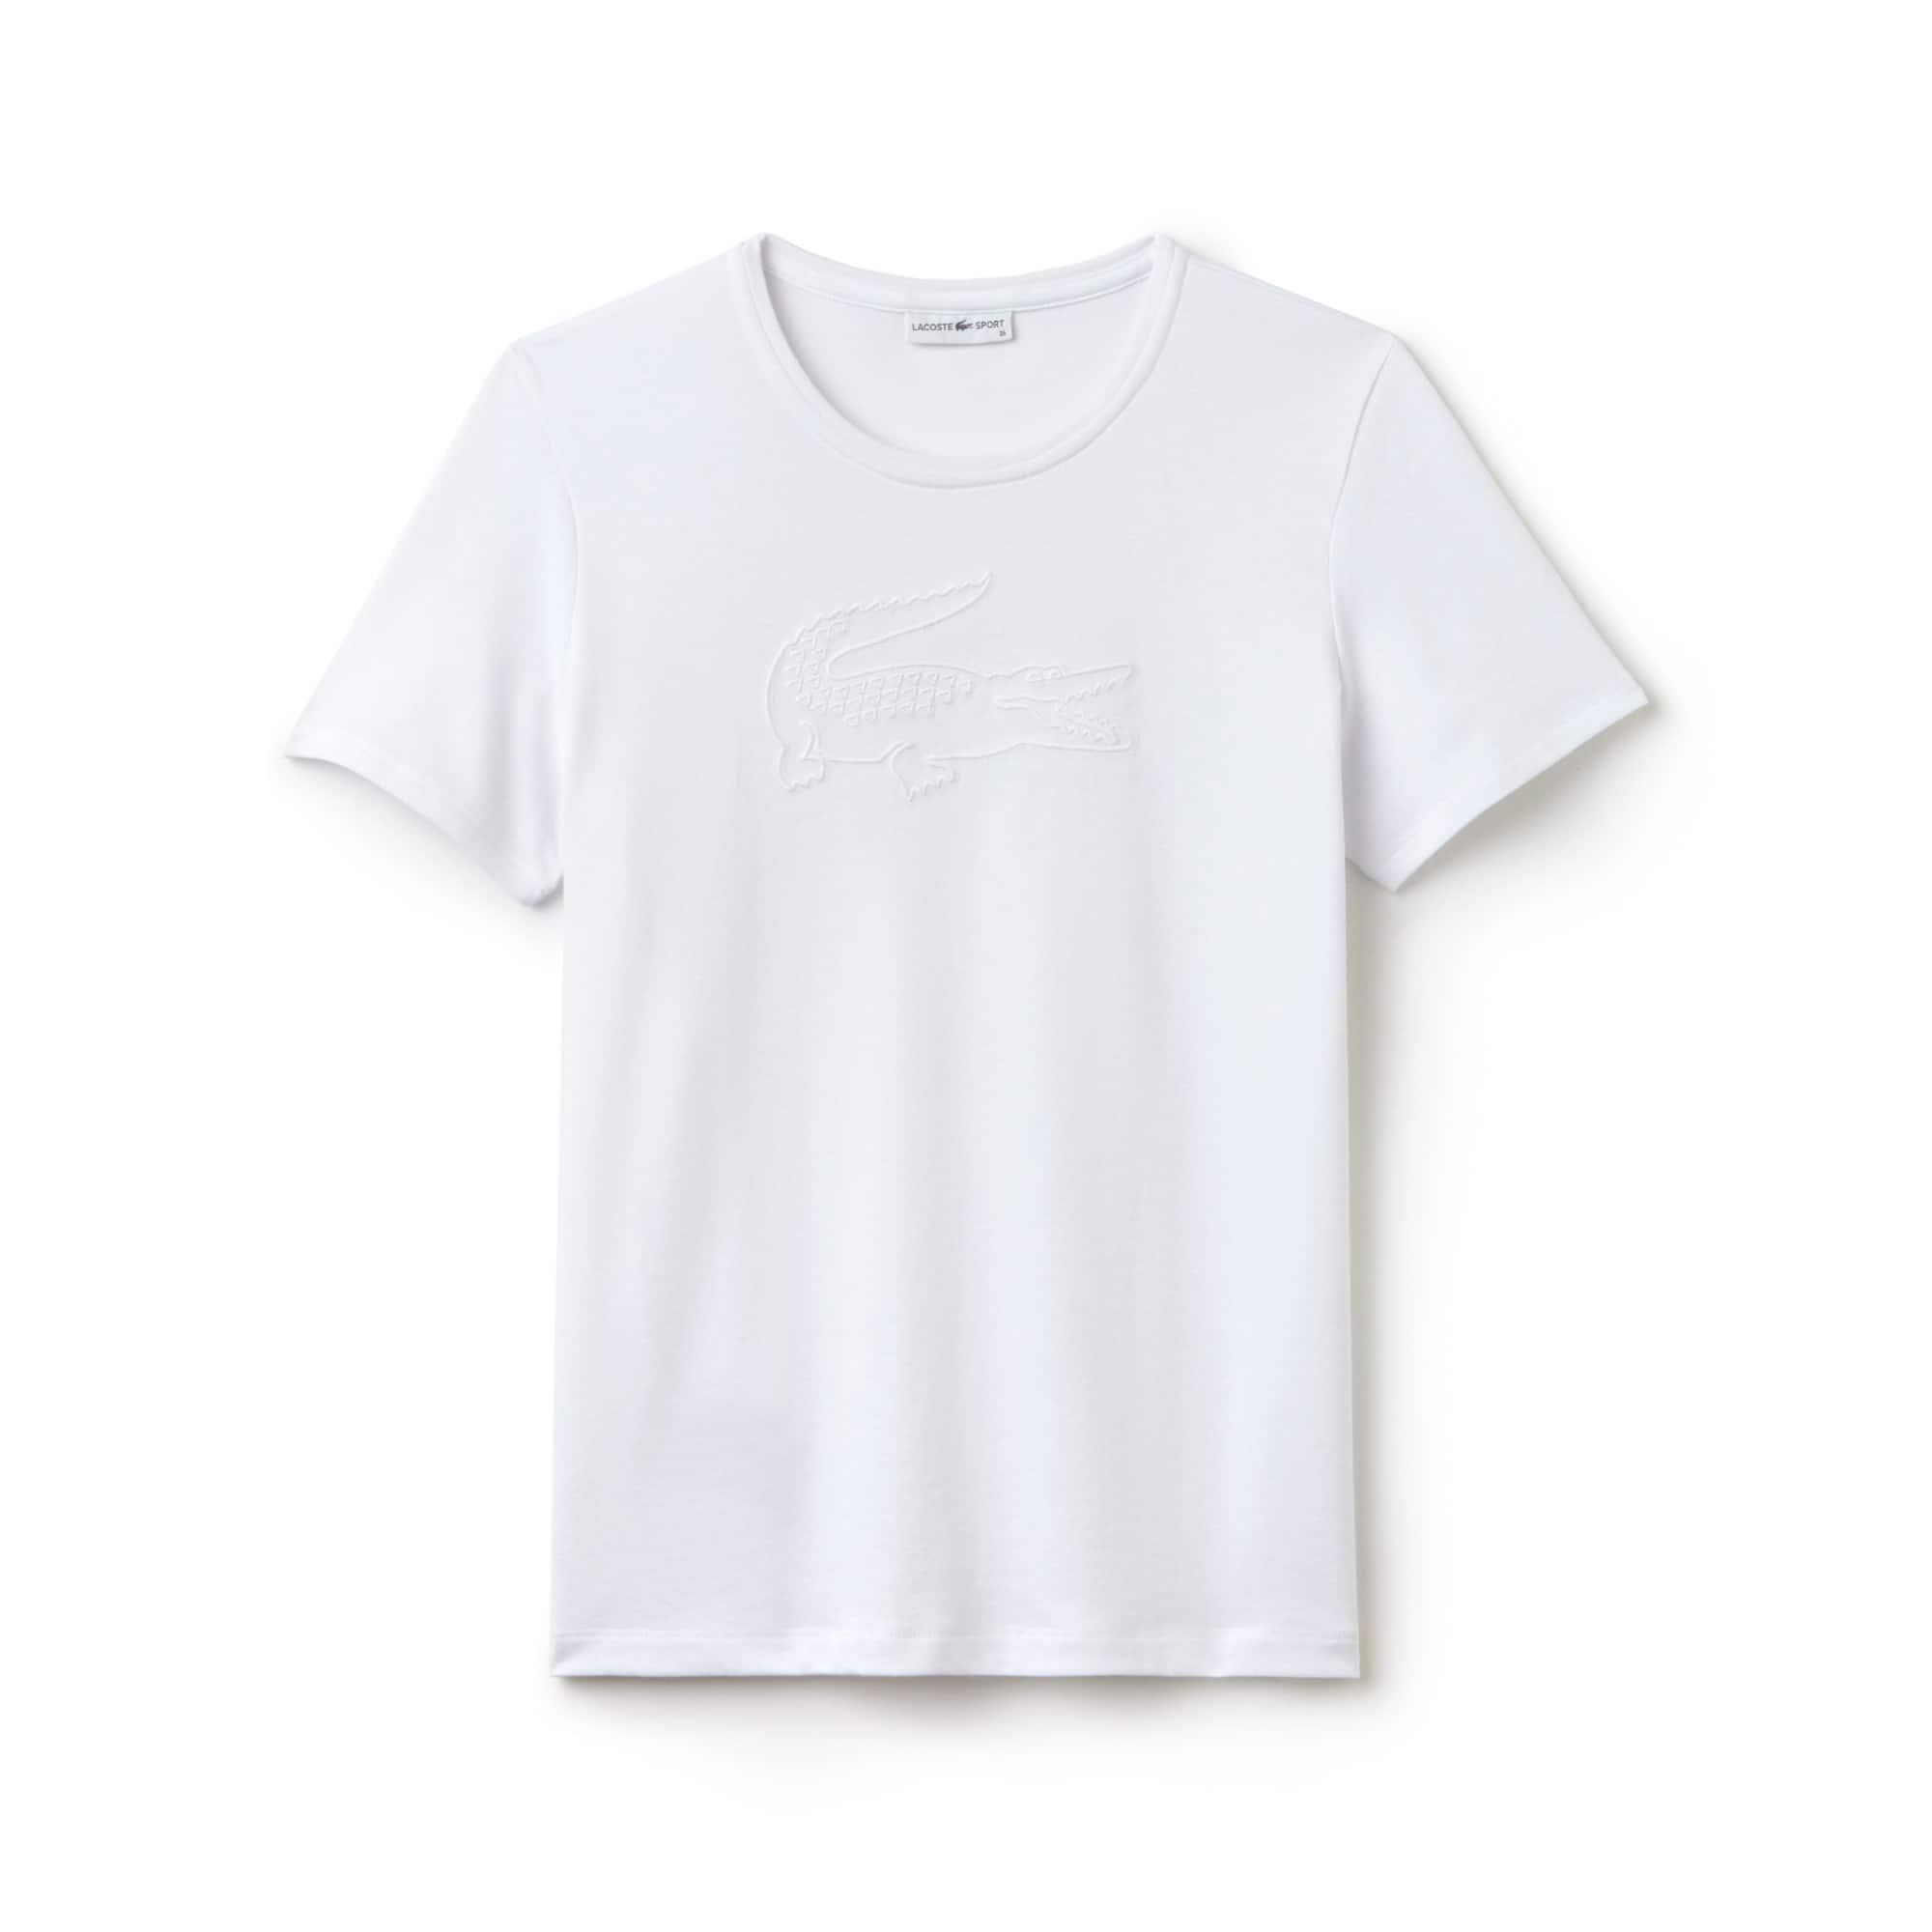 T-shirt Tennis Lacoste SPORT en jersey technique avec broderie crocodile